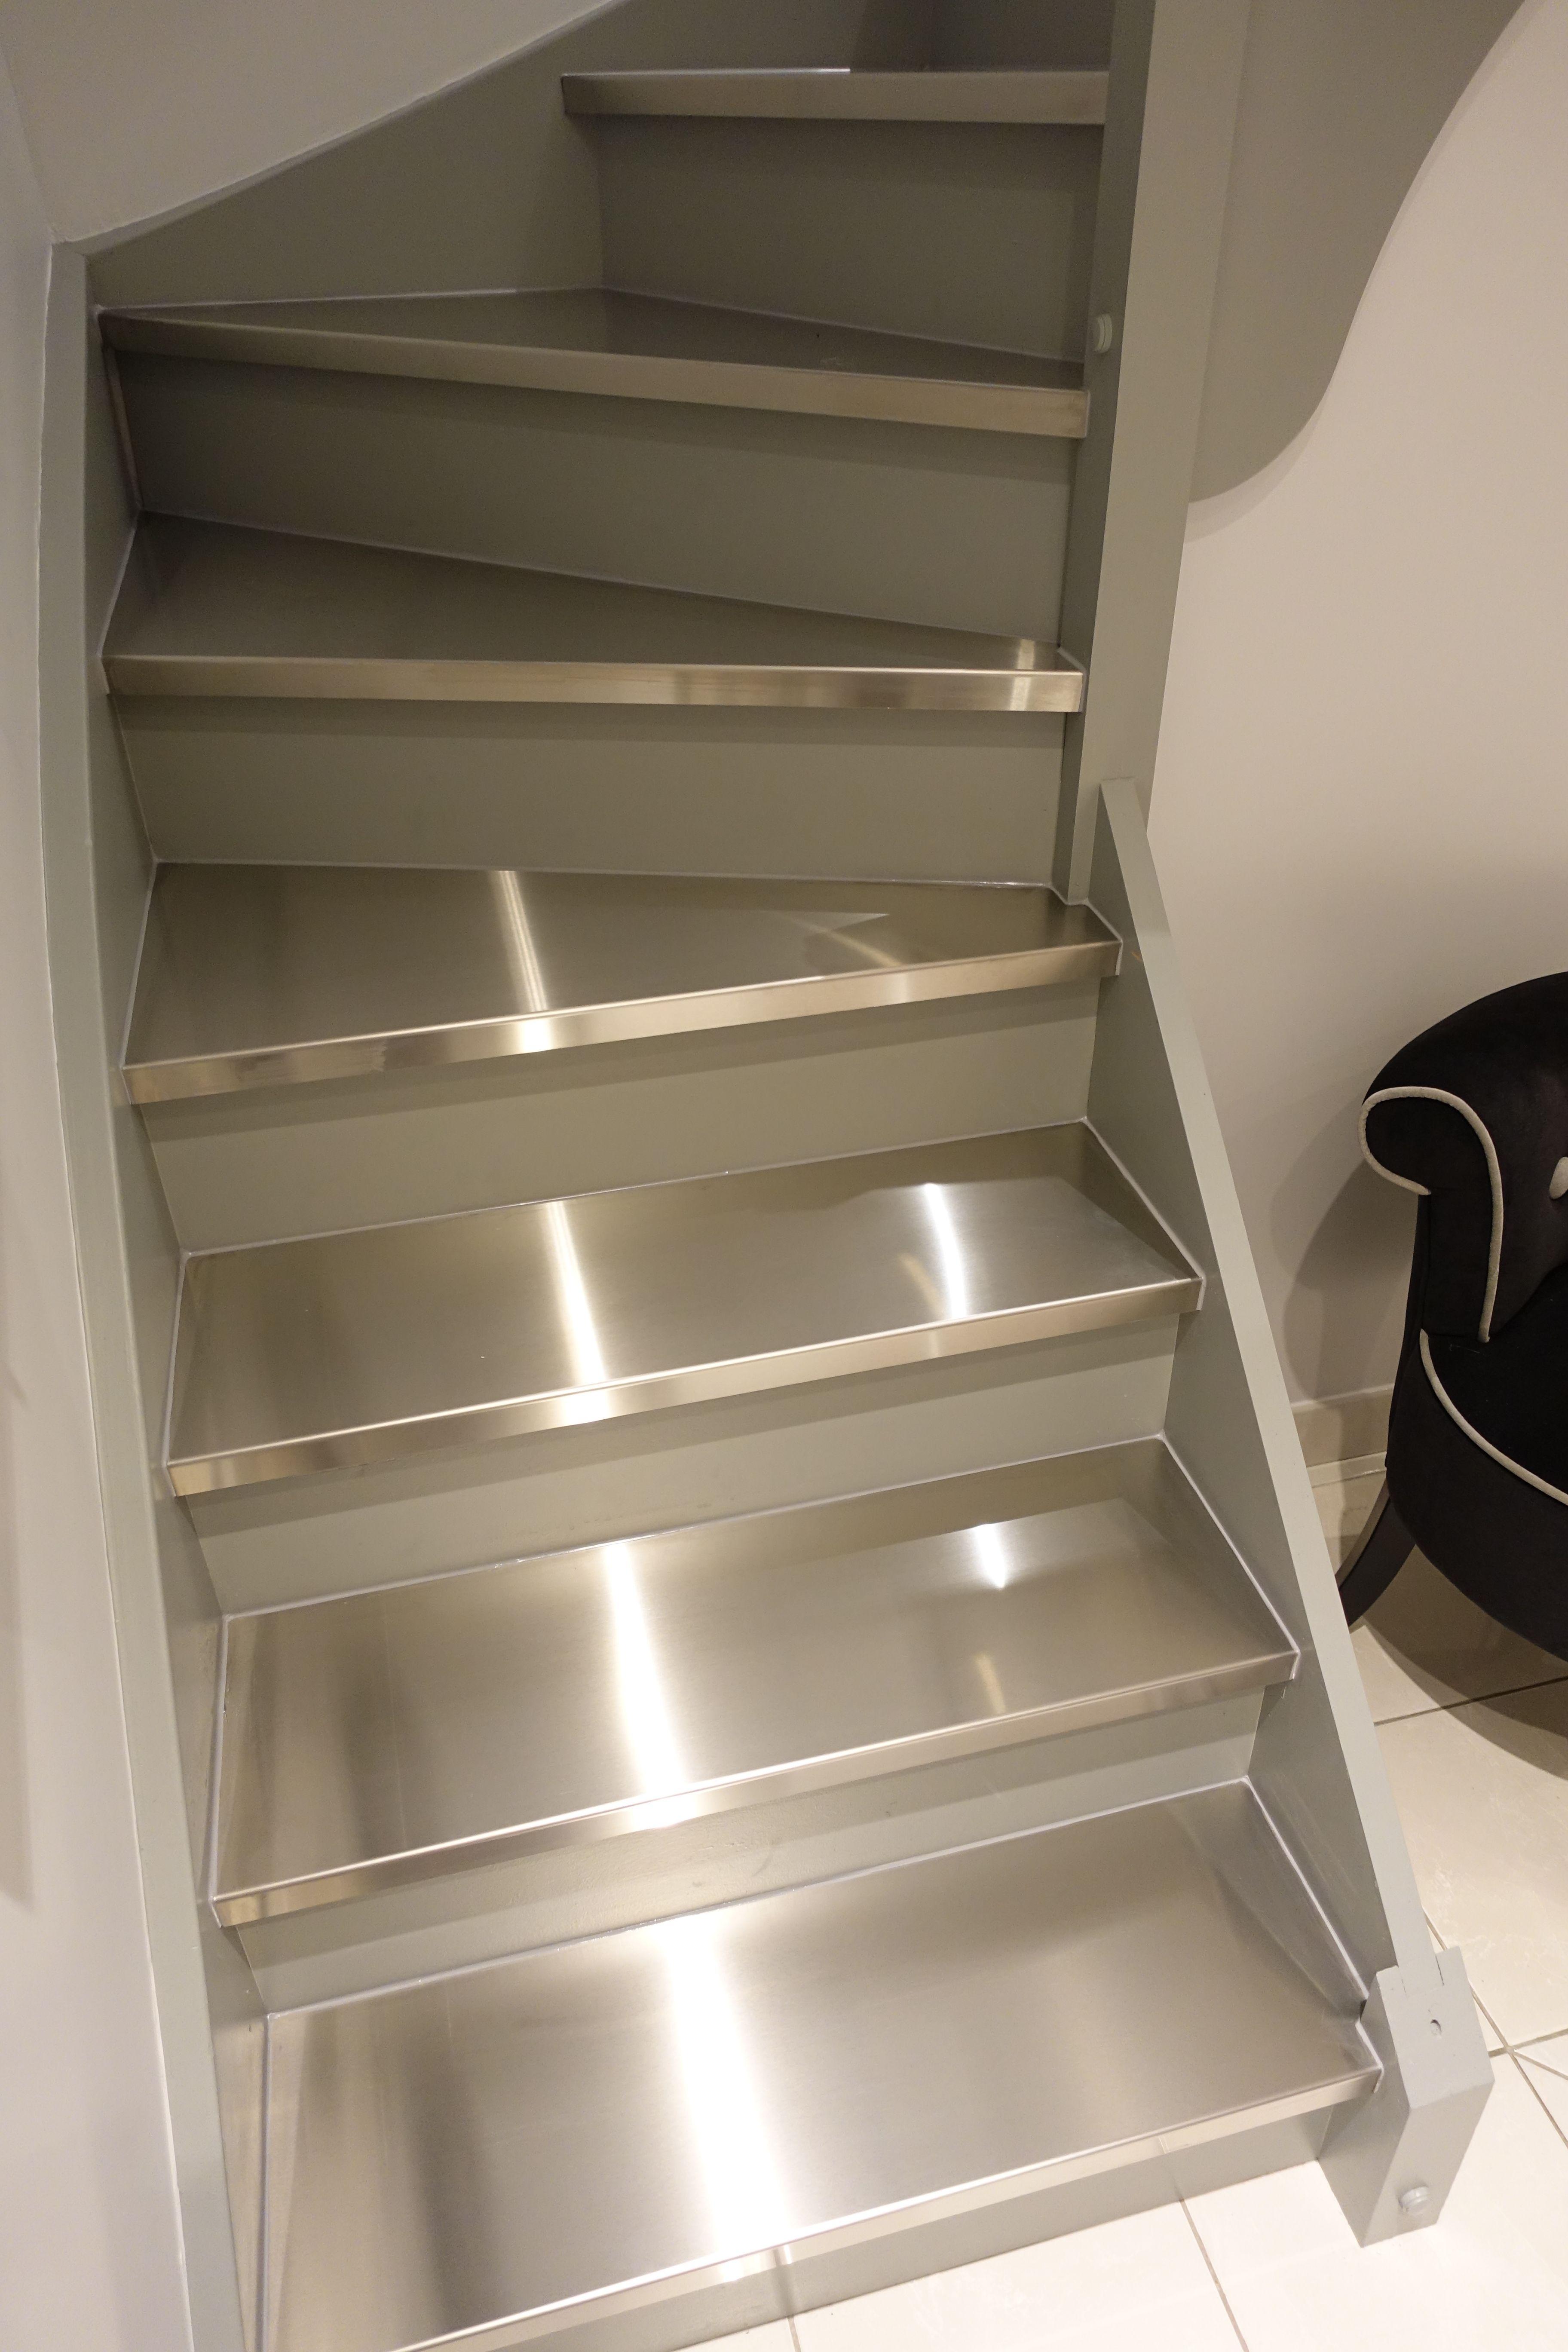 Renovation Escalier Nord Pas De Calais restauration d'escaliers par un habillage inox.